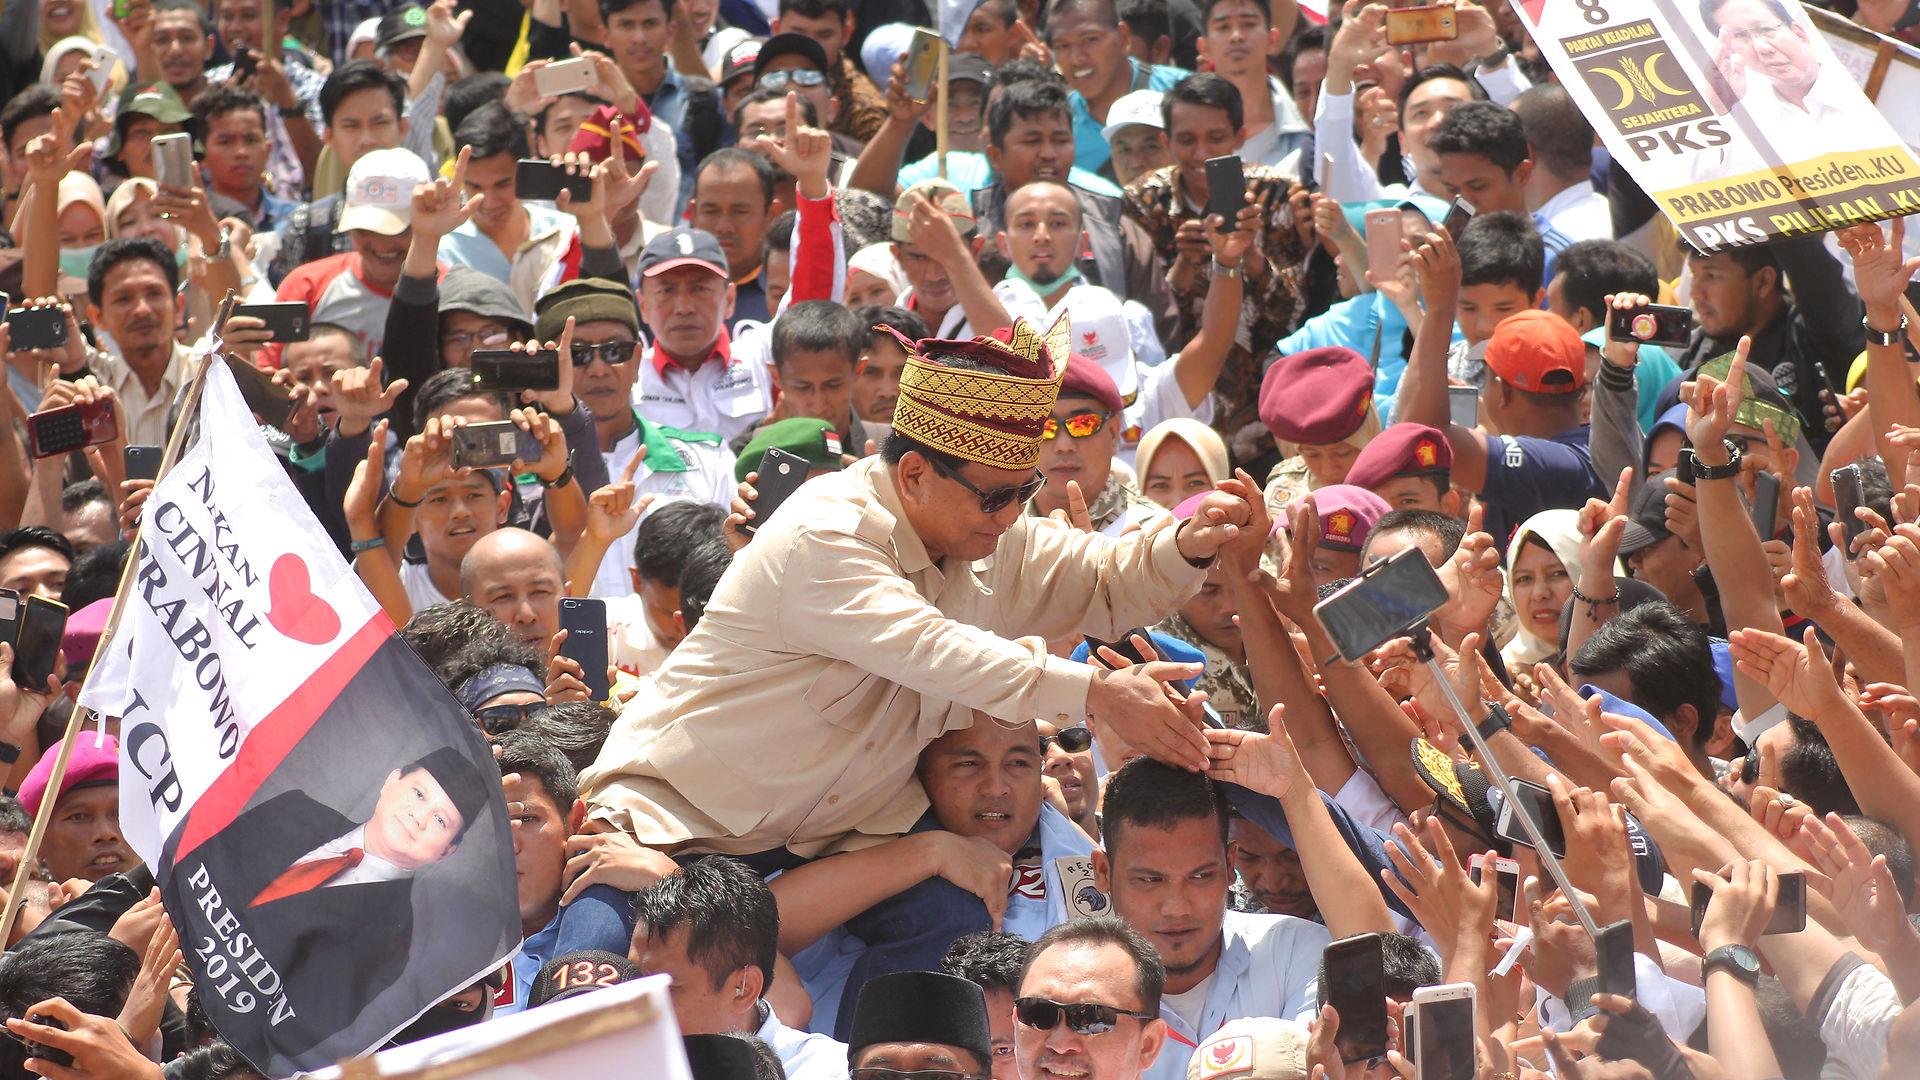 Rasmus Abildgaard Kristensen: Valgkampen i Indonesien er præget af populisme, nationalisme og muslimsk konservatisme